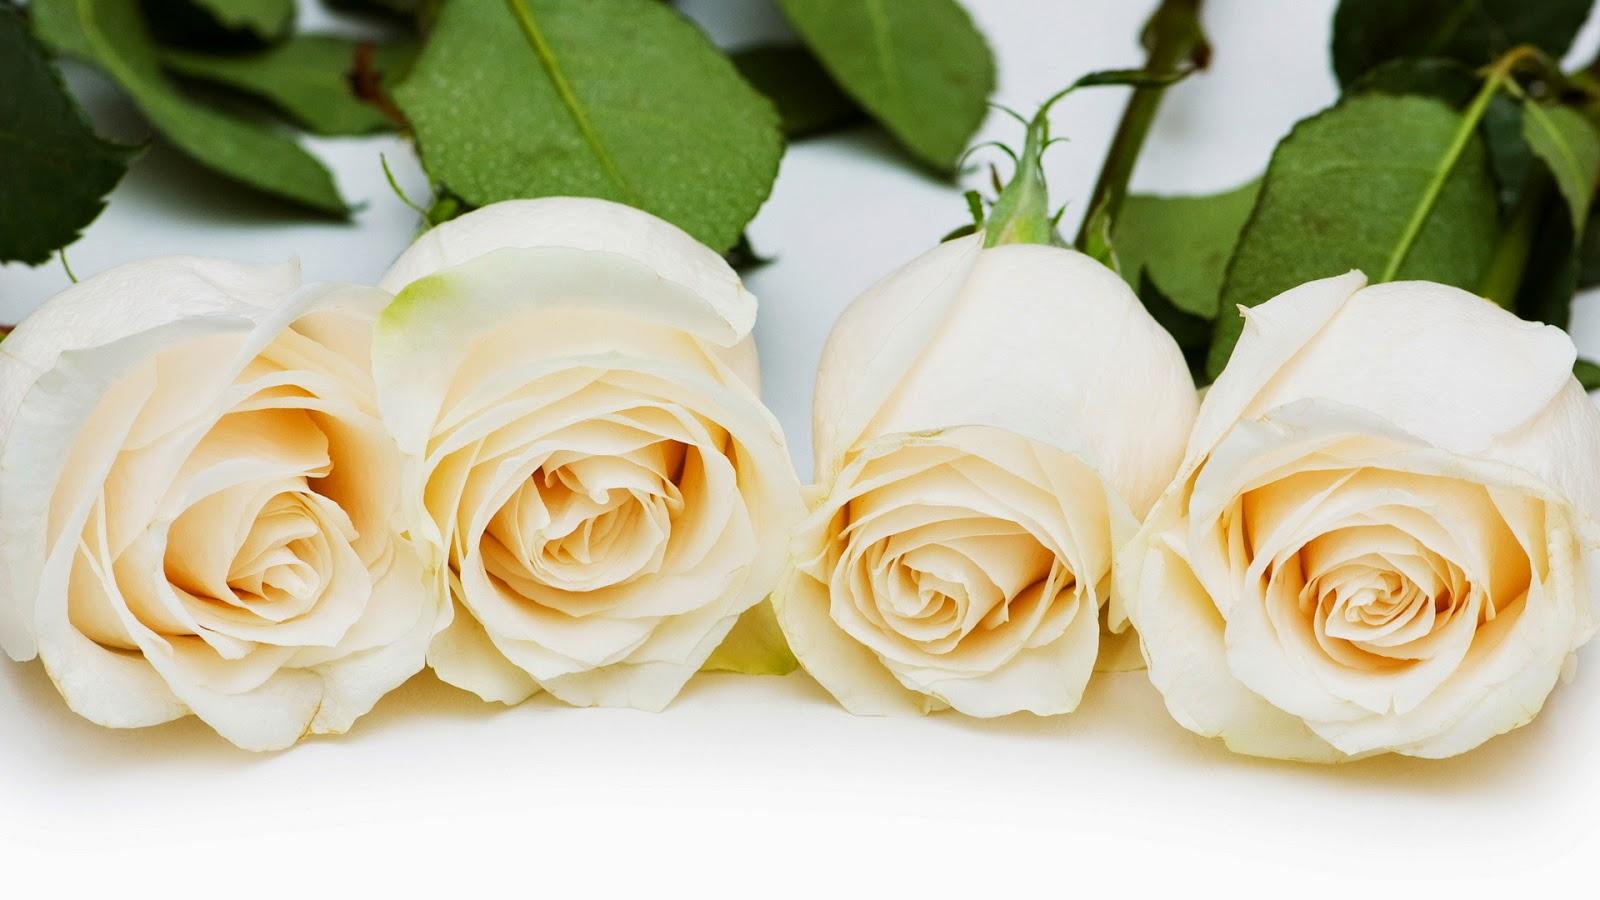 Ravishing-four-white-rose-sticks